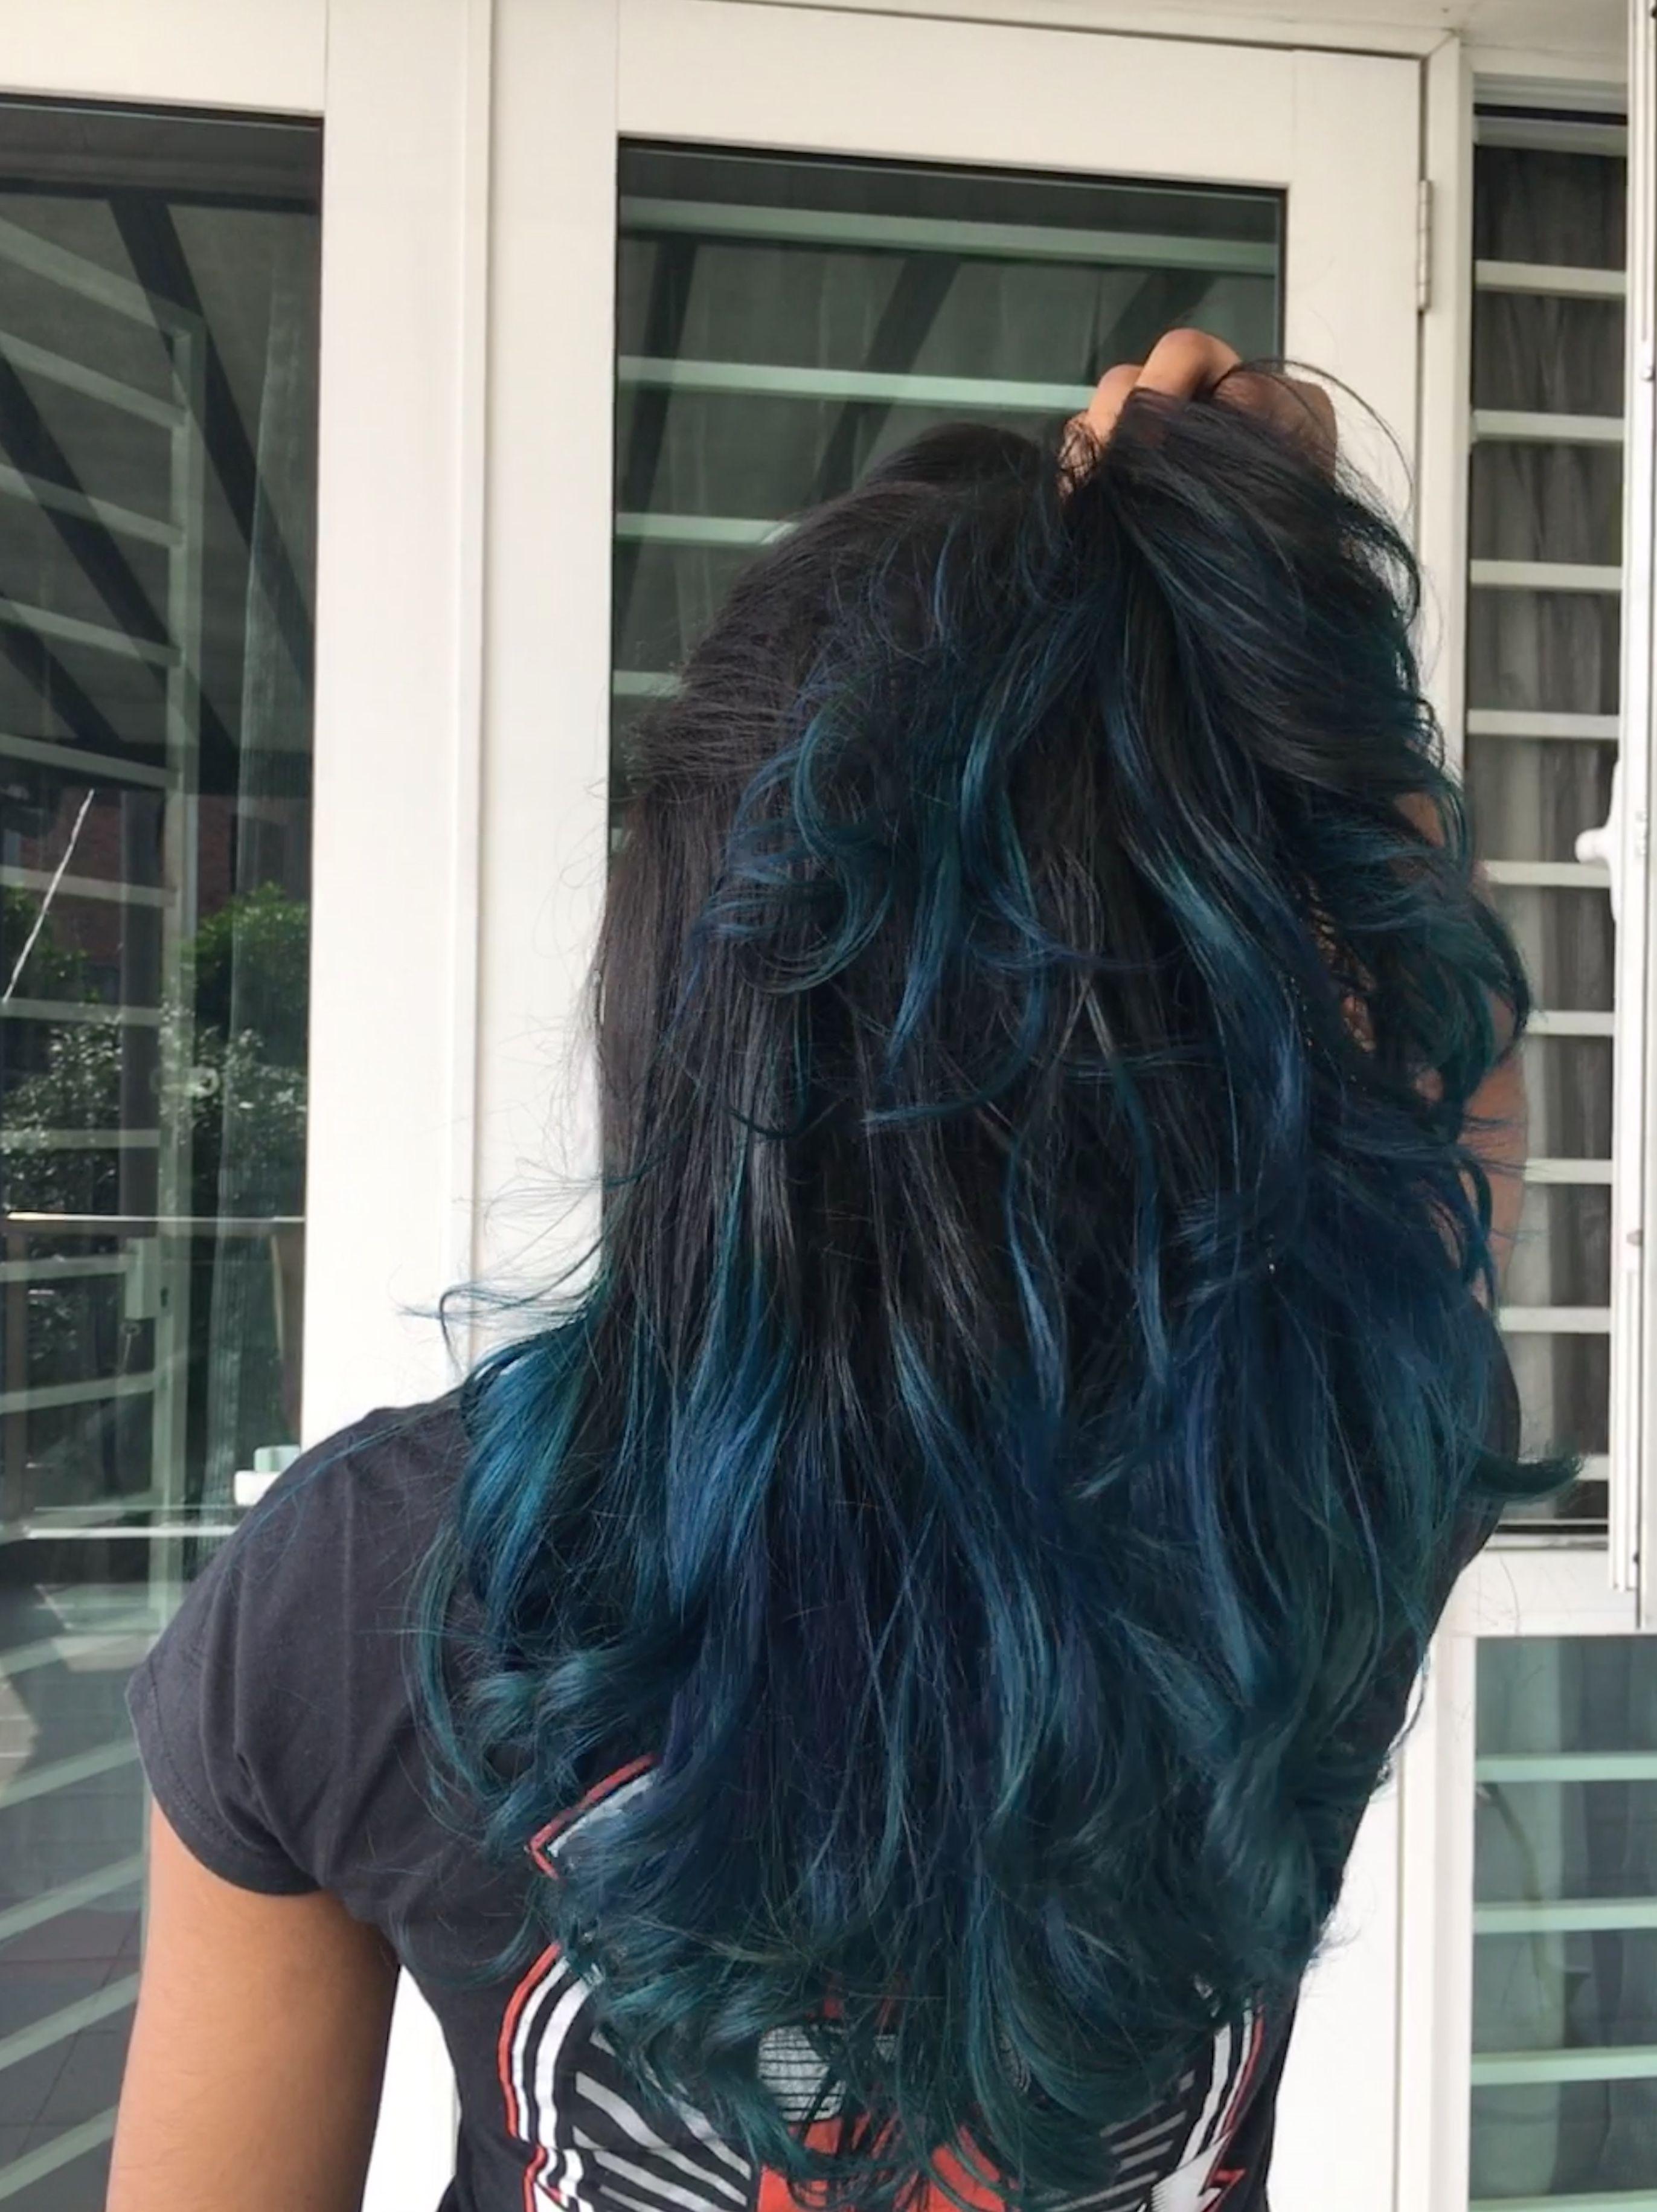 Ombre Blue Hair Midnightblue Royalblue Blue Ombre Hair Hair Styles Ombre Hair Color